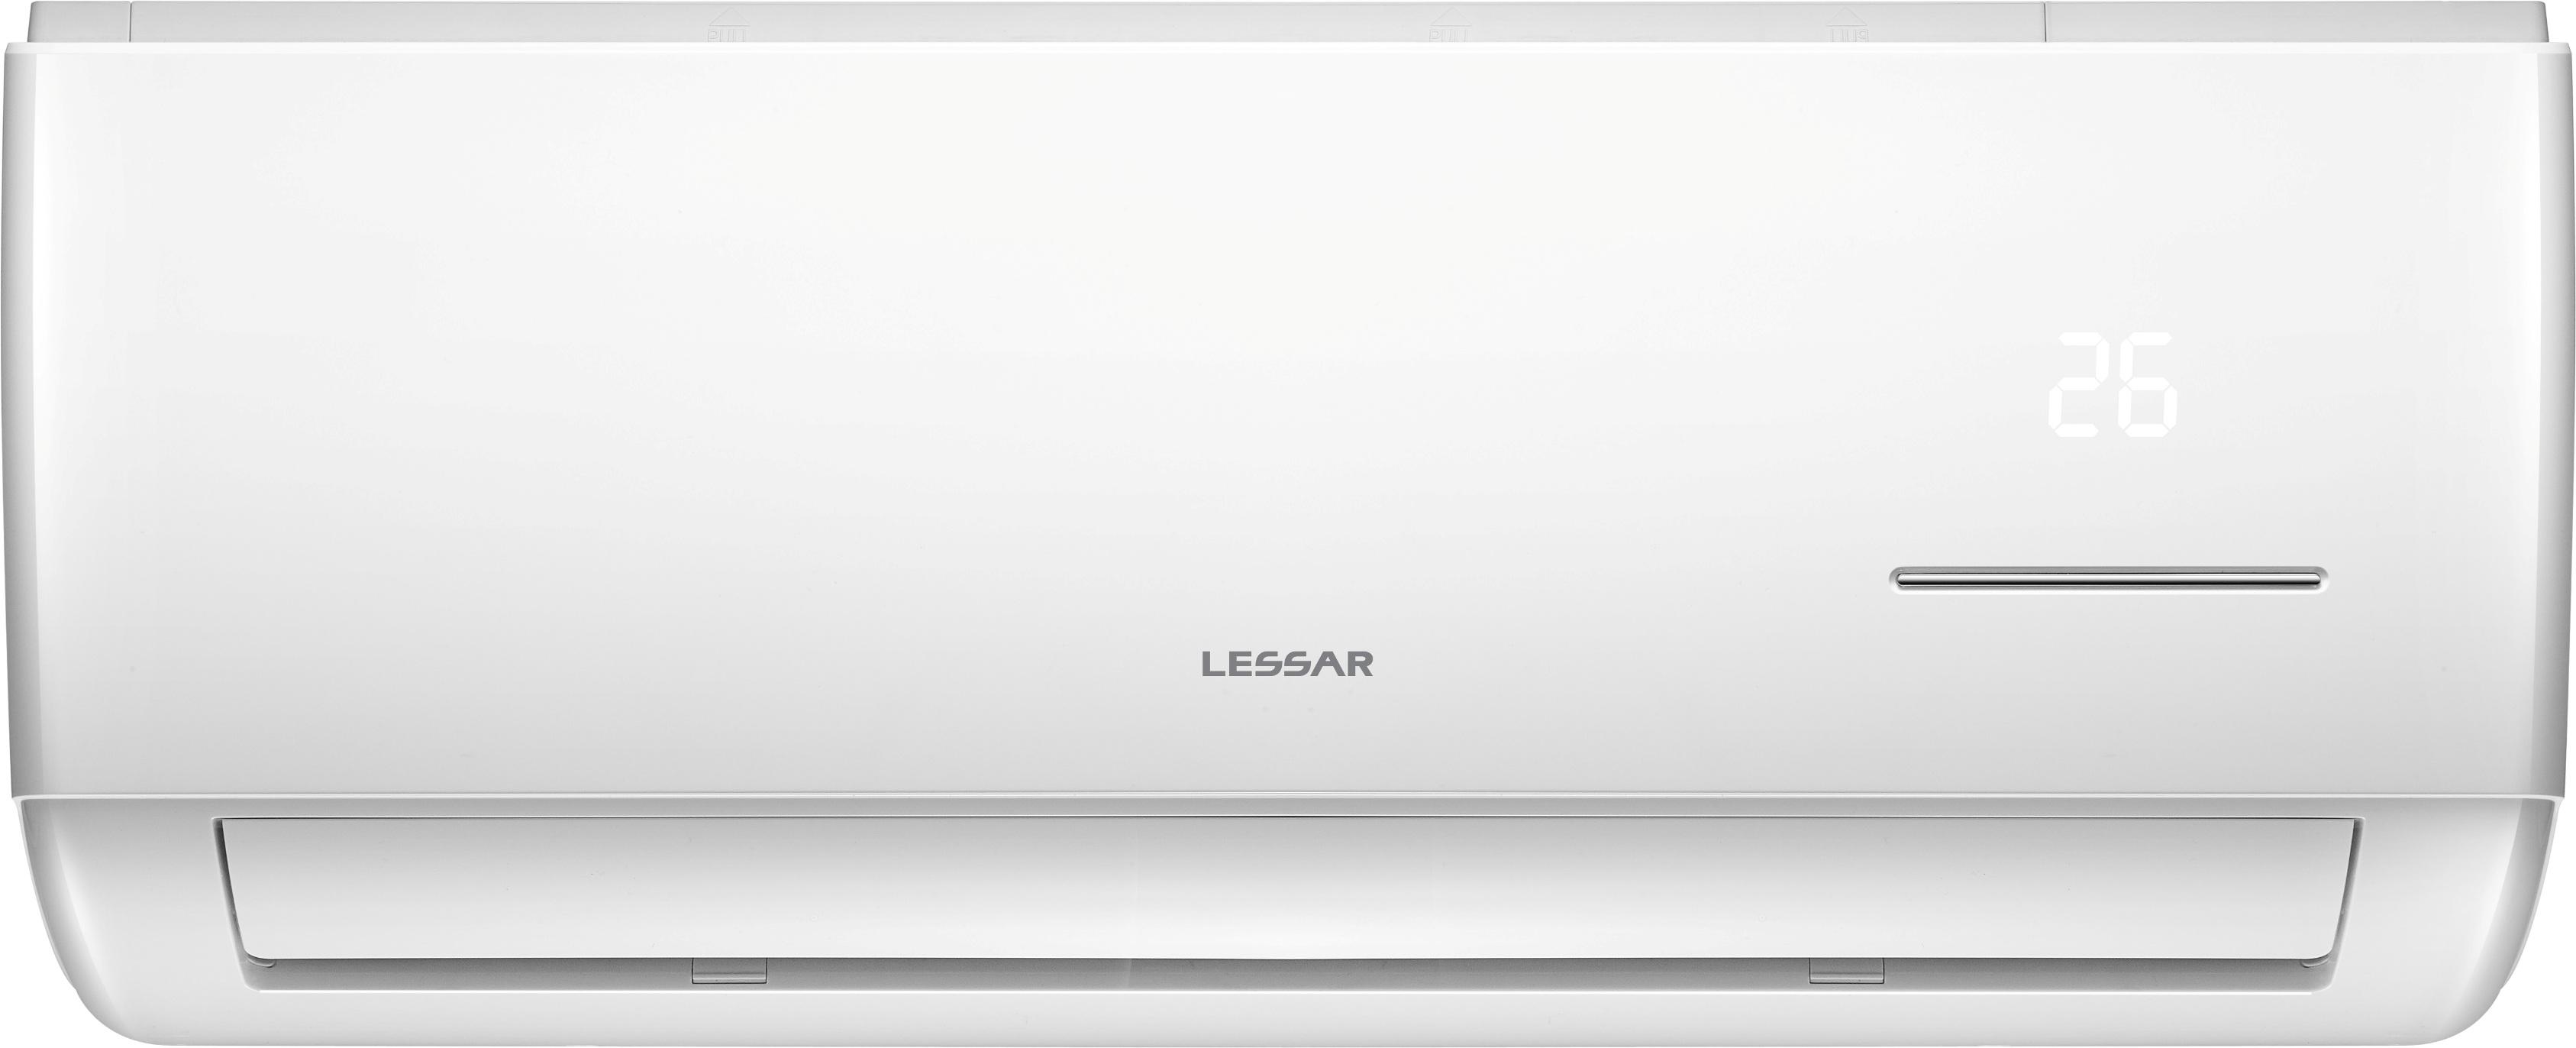 Кондиционер Lessar LS-H07KOA2/LU-H07KOA2